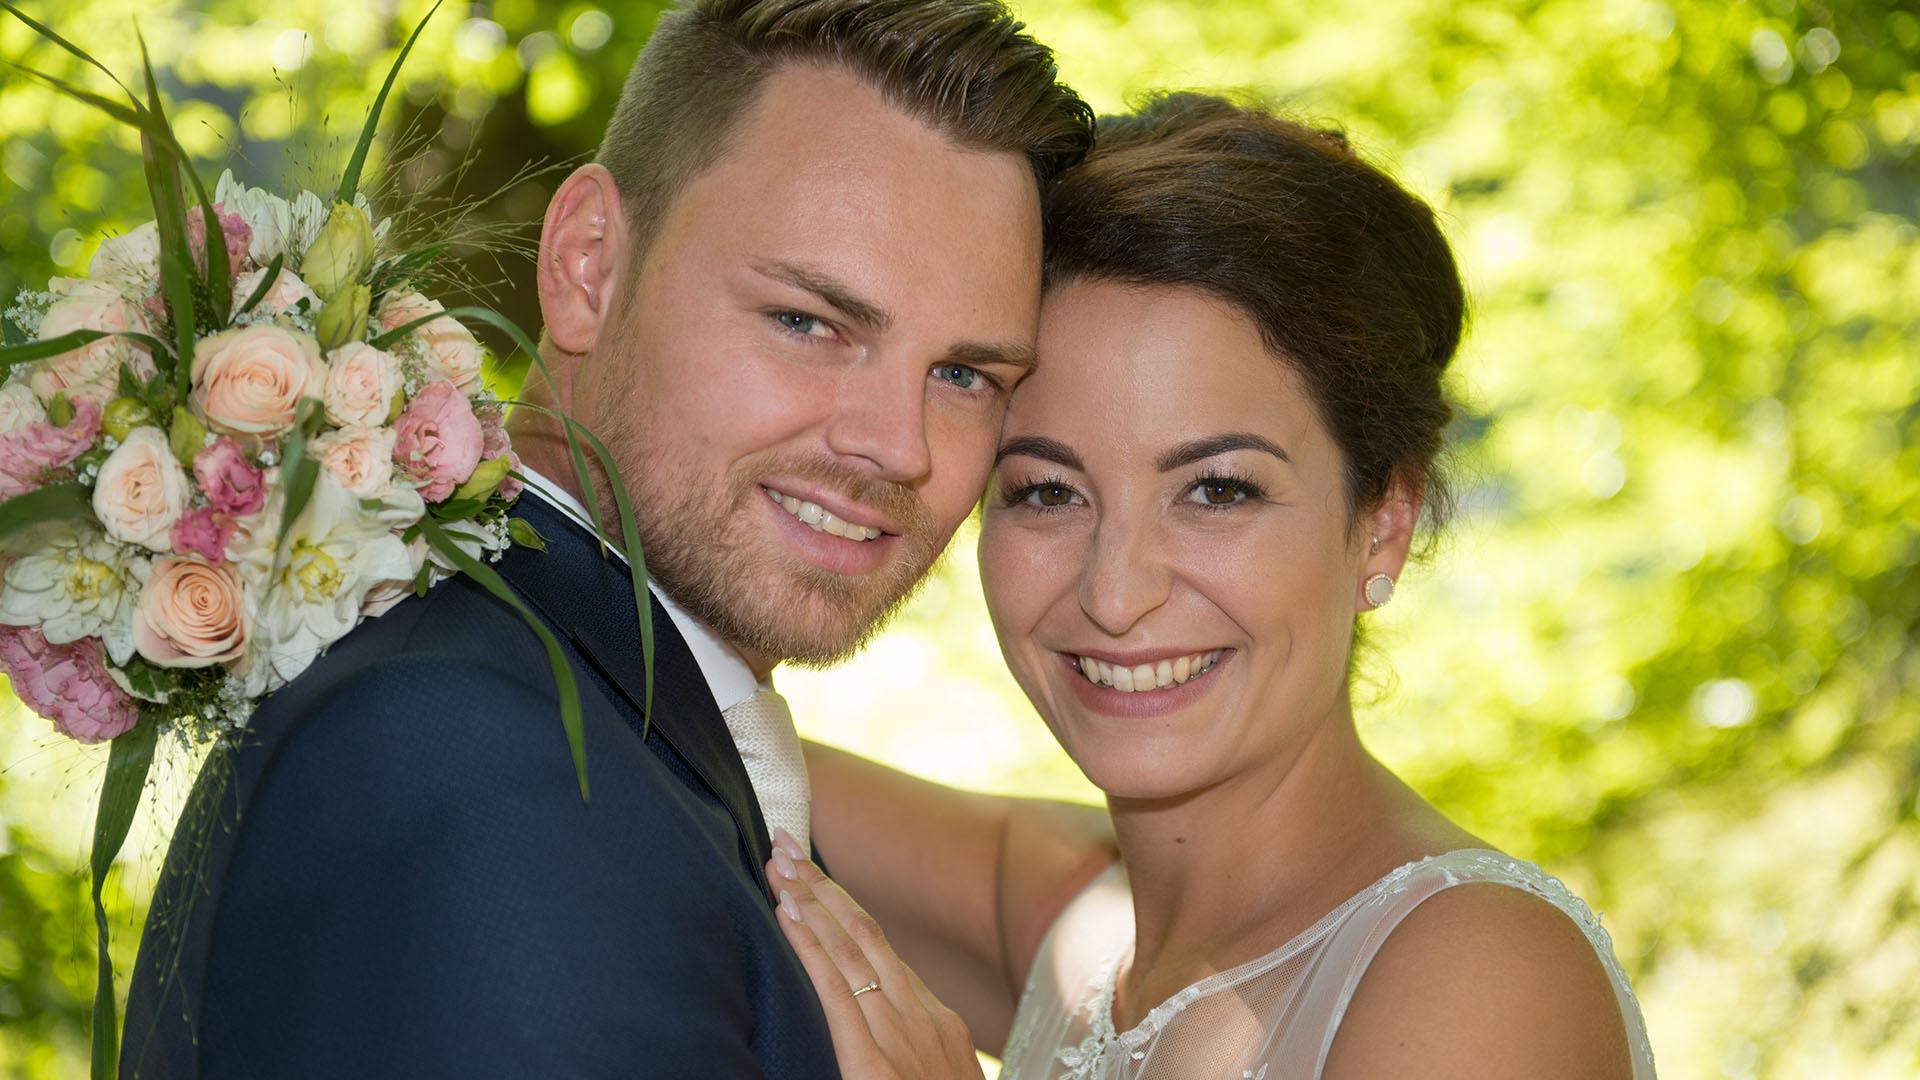 Hochzeitsfotos vom Ehepaar in der Sonne mit Brautstrauß